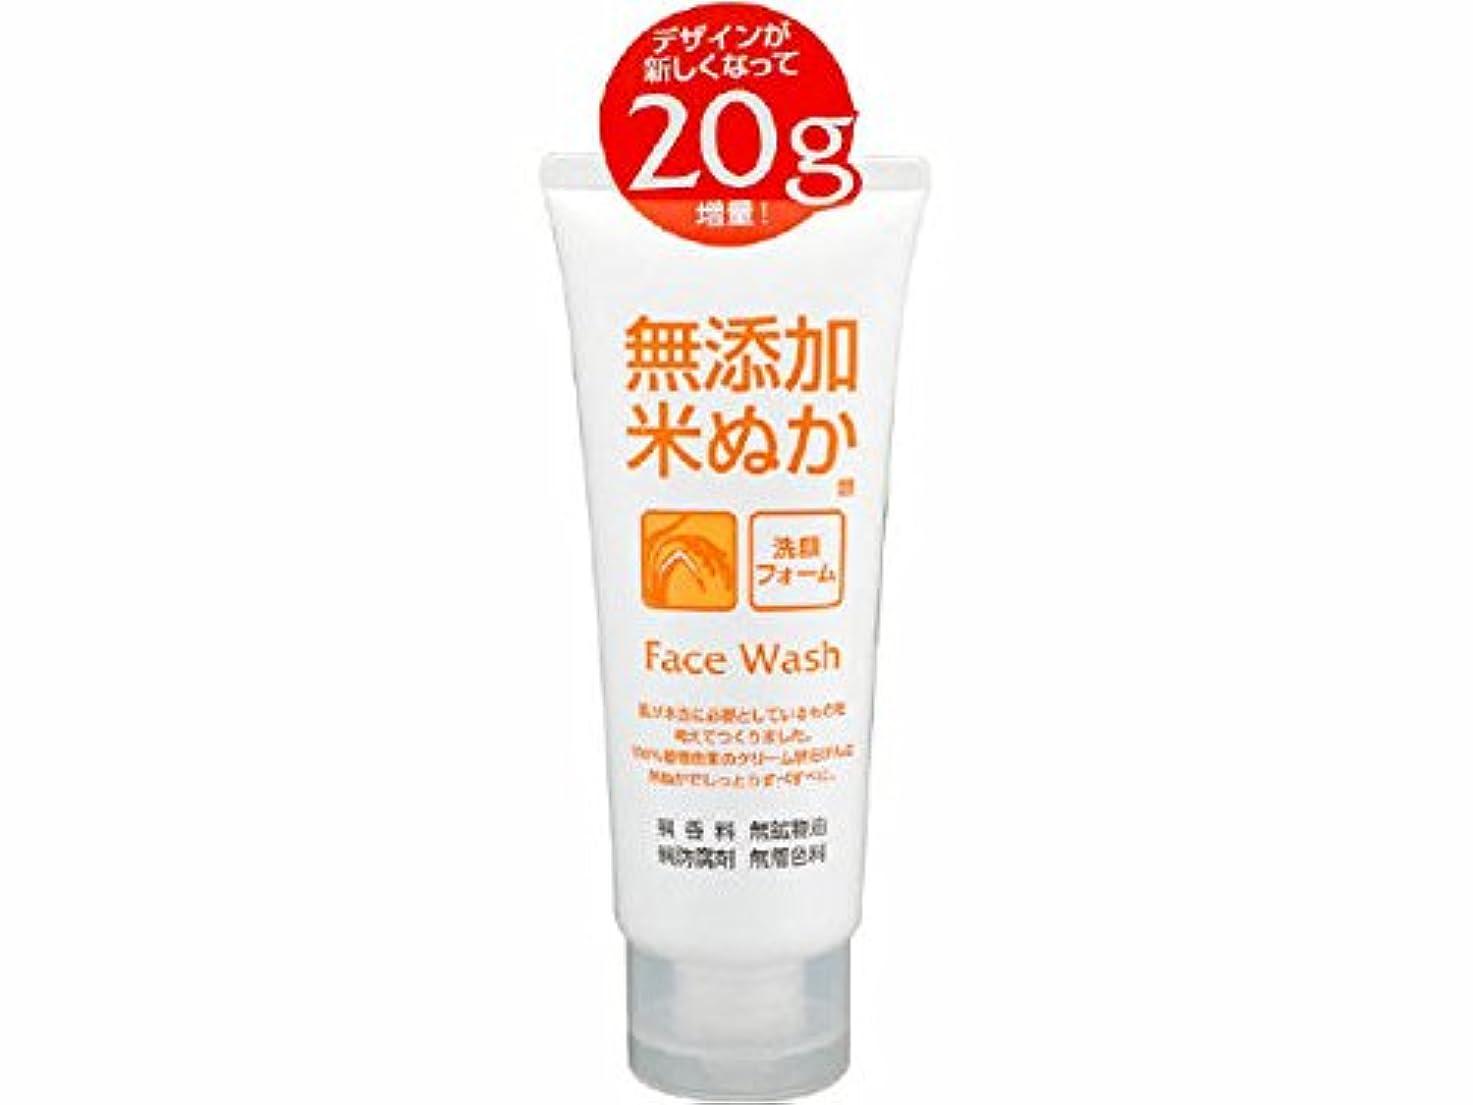 つま先未知の選挙ロゼット(ROSETTE) 無添加米ぬか 洗顔フォーム 140g 100%植物由来のクリーム状石けんに米ぬかエキスを配合した洗顔フォーム×48点セット (4901696534069)